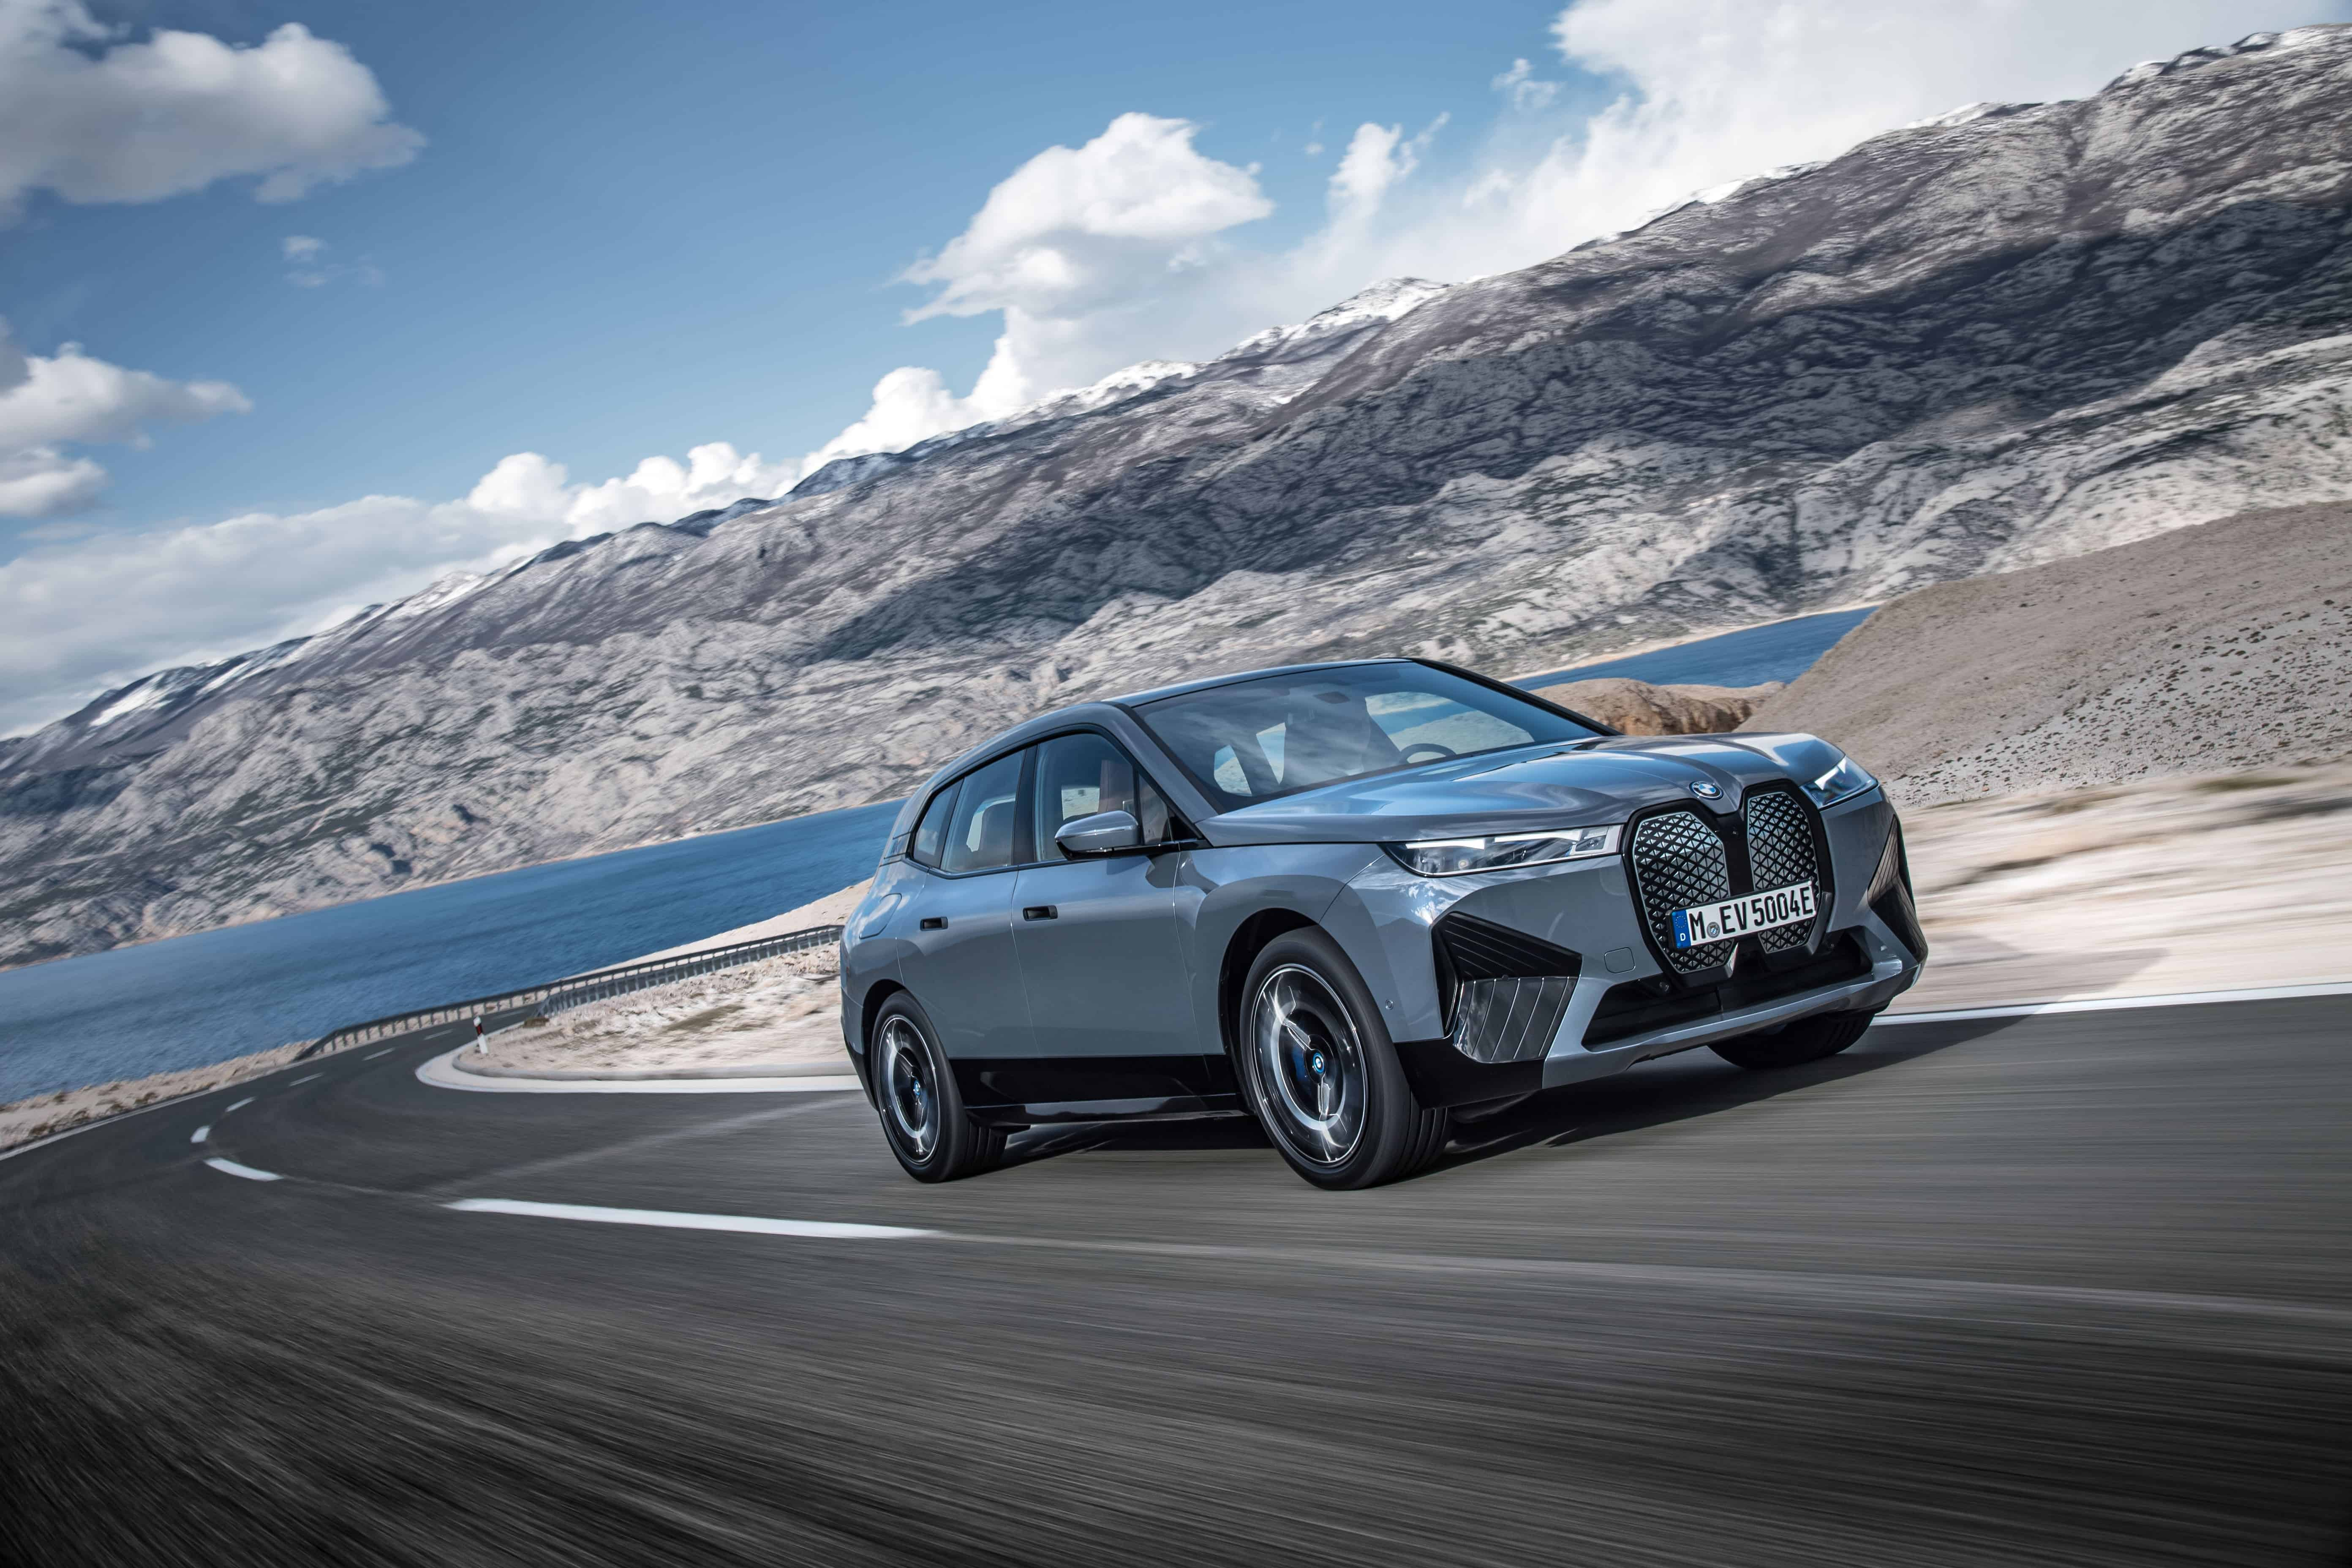 将纯粹驾驶乐趣引入豪华大型电动SUV细分市场